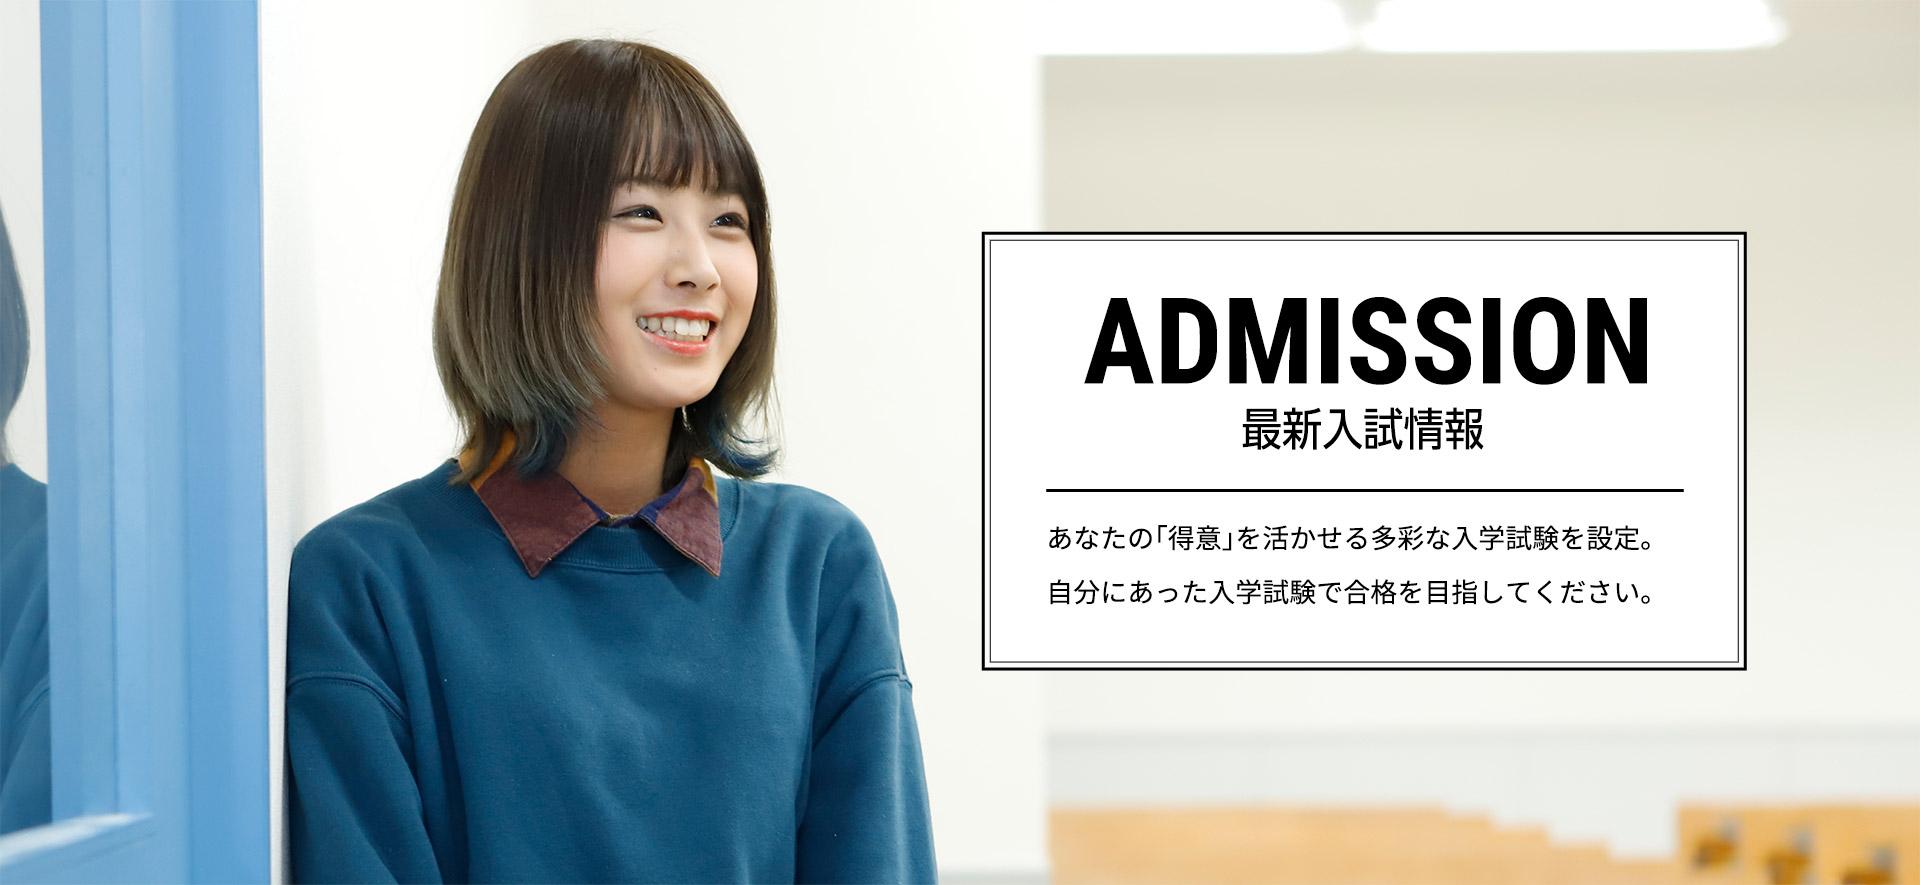 最新入試情報 あなたの得意を活かせる多彩な入学試験を設定。自分にあった入学試験で合格を目指してください。